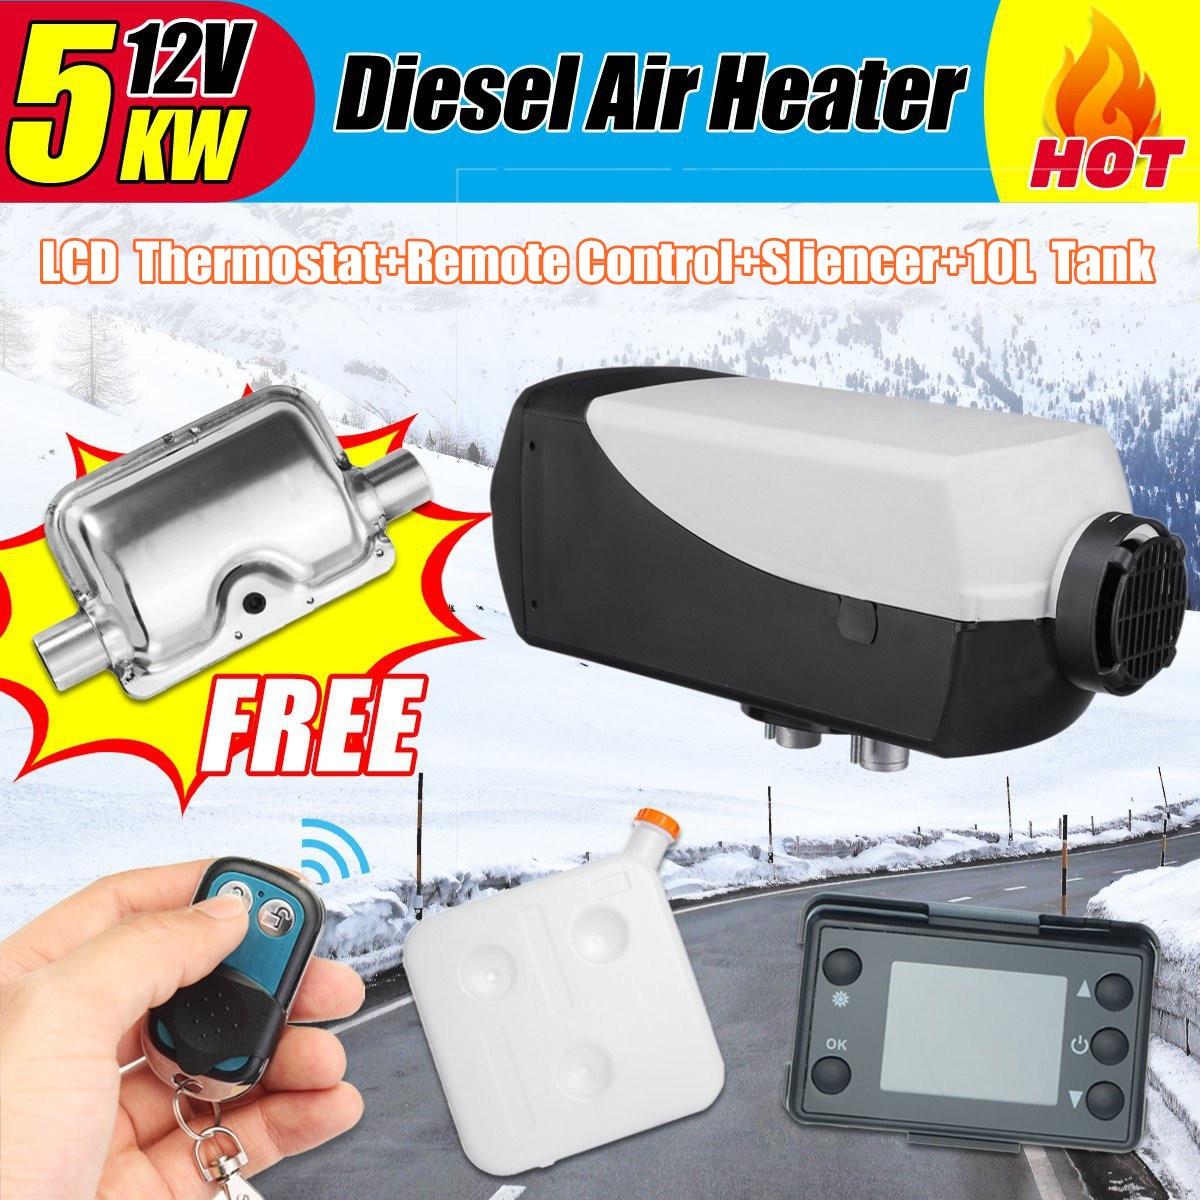 12 v 5000 w LCD Moniteur D'air diesels Réchauffeur de Carburant Monotrou Avec Télécommande Et Silencieux 10L Réservoir 5KW Pour camions Bateaux Bus Chauffage De Voiture